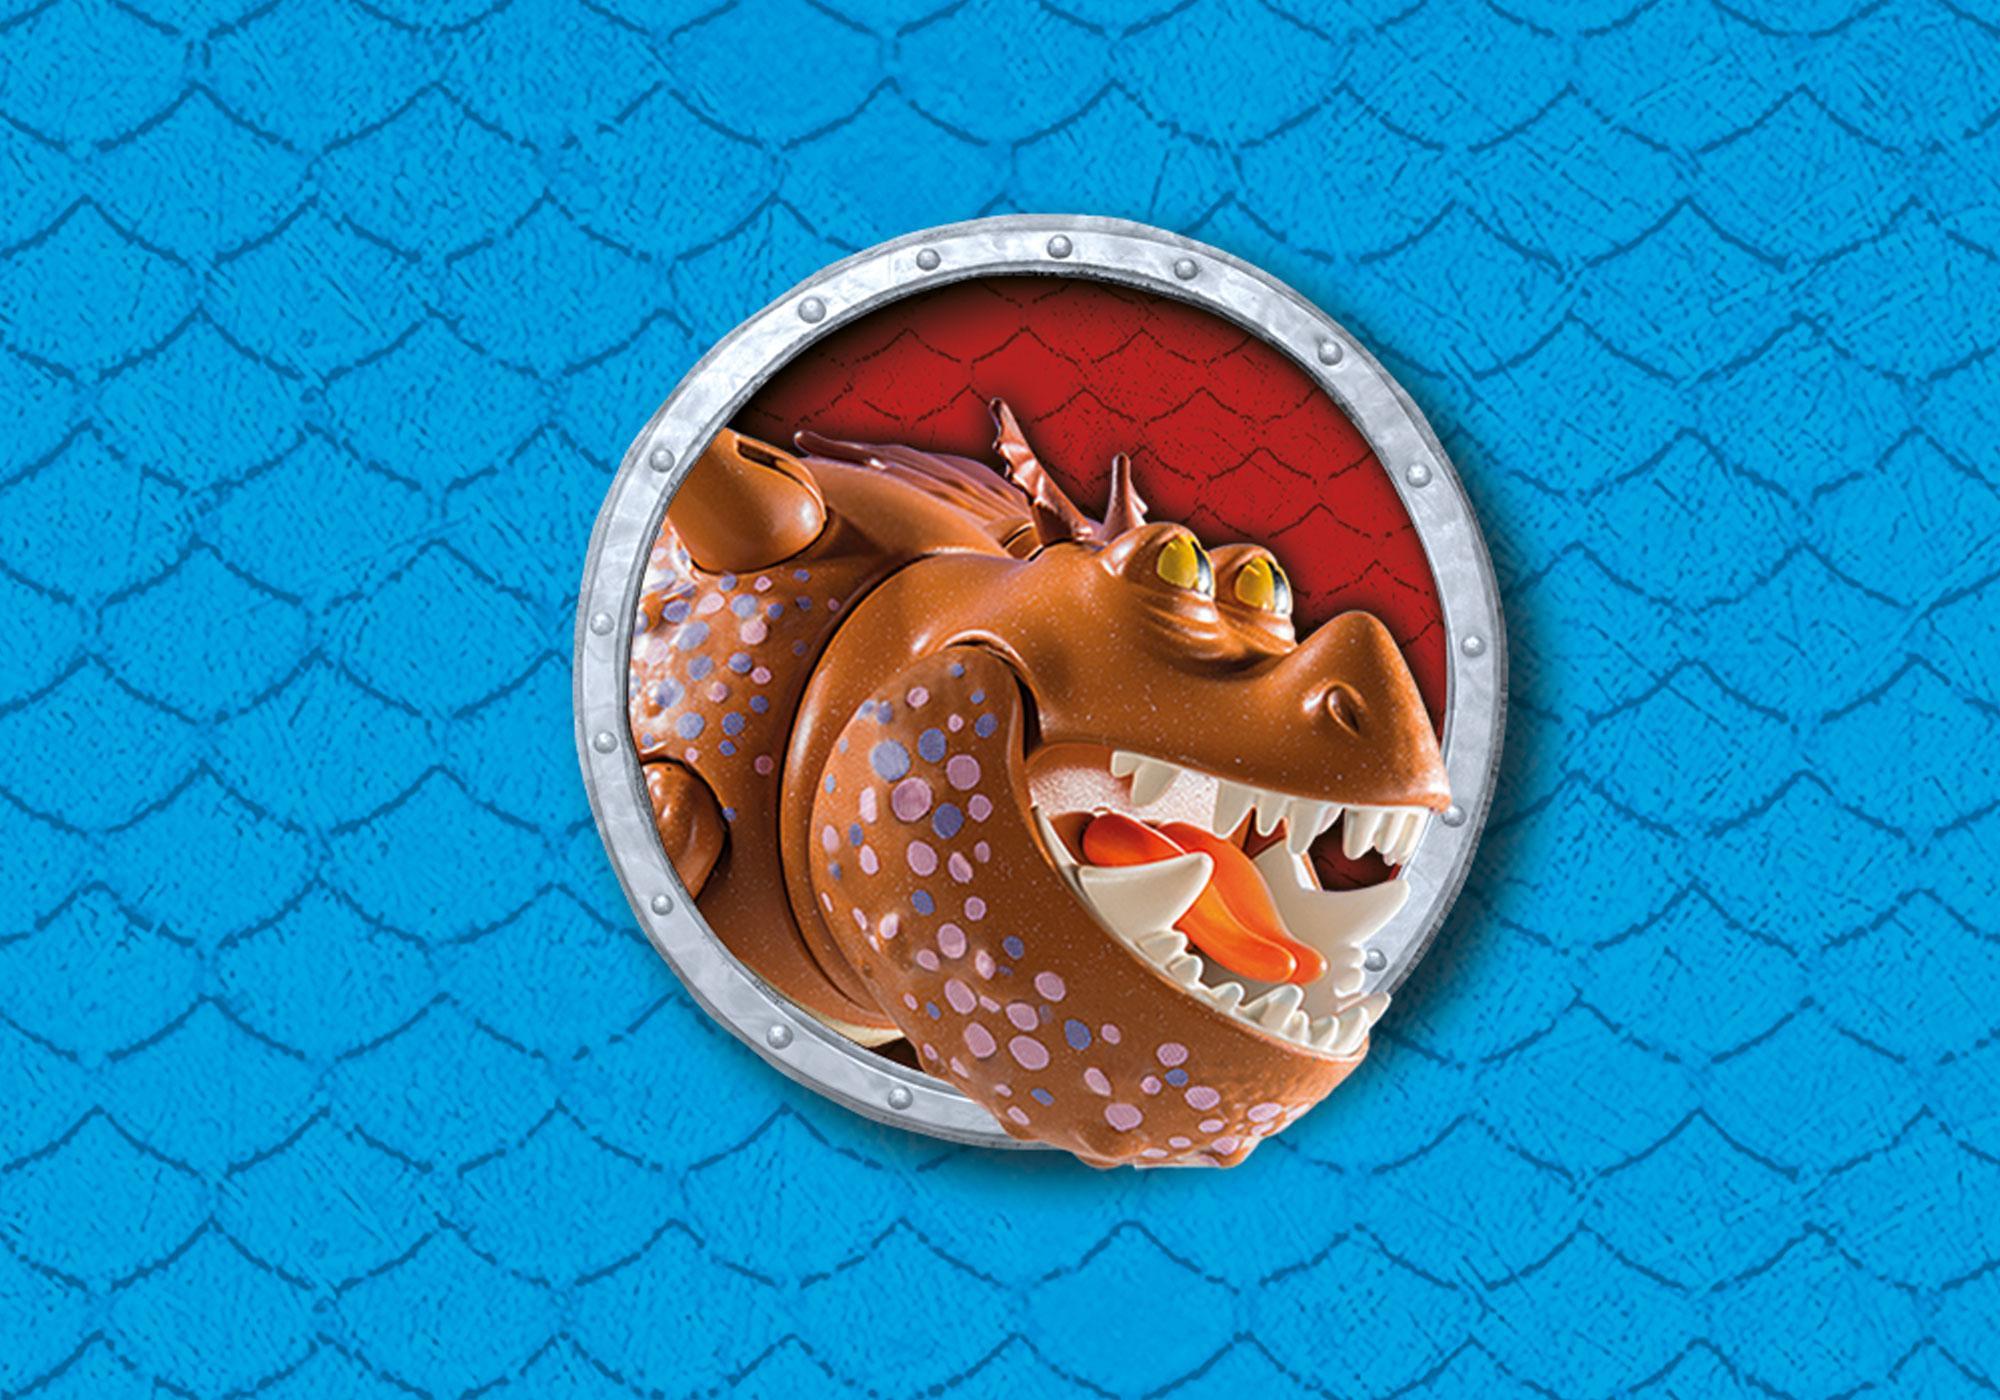 http://media.playmobil.com/i/playmobil/9460_product_extra4/Fiskfot och Tjockvald